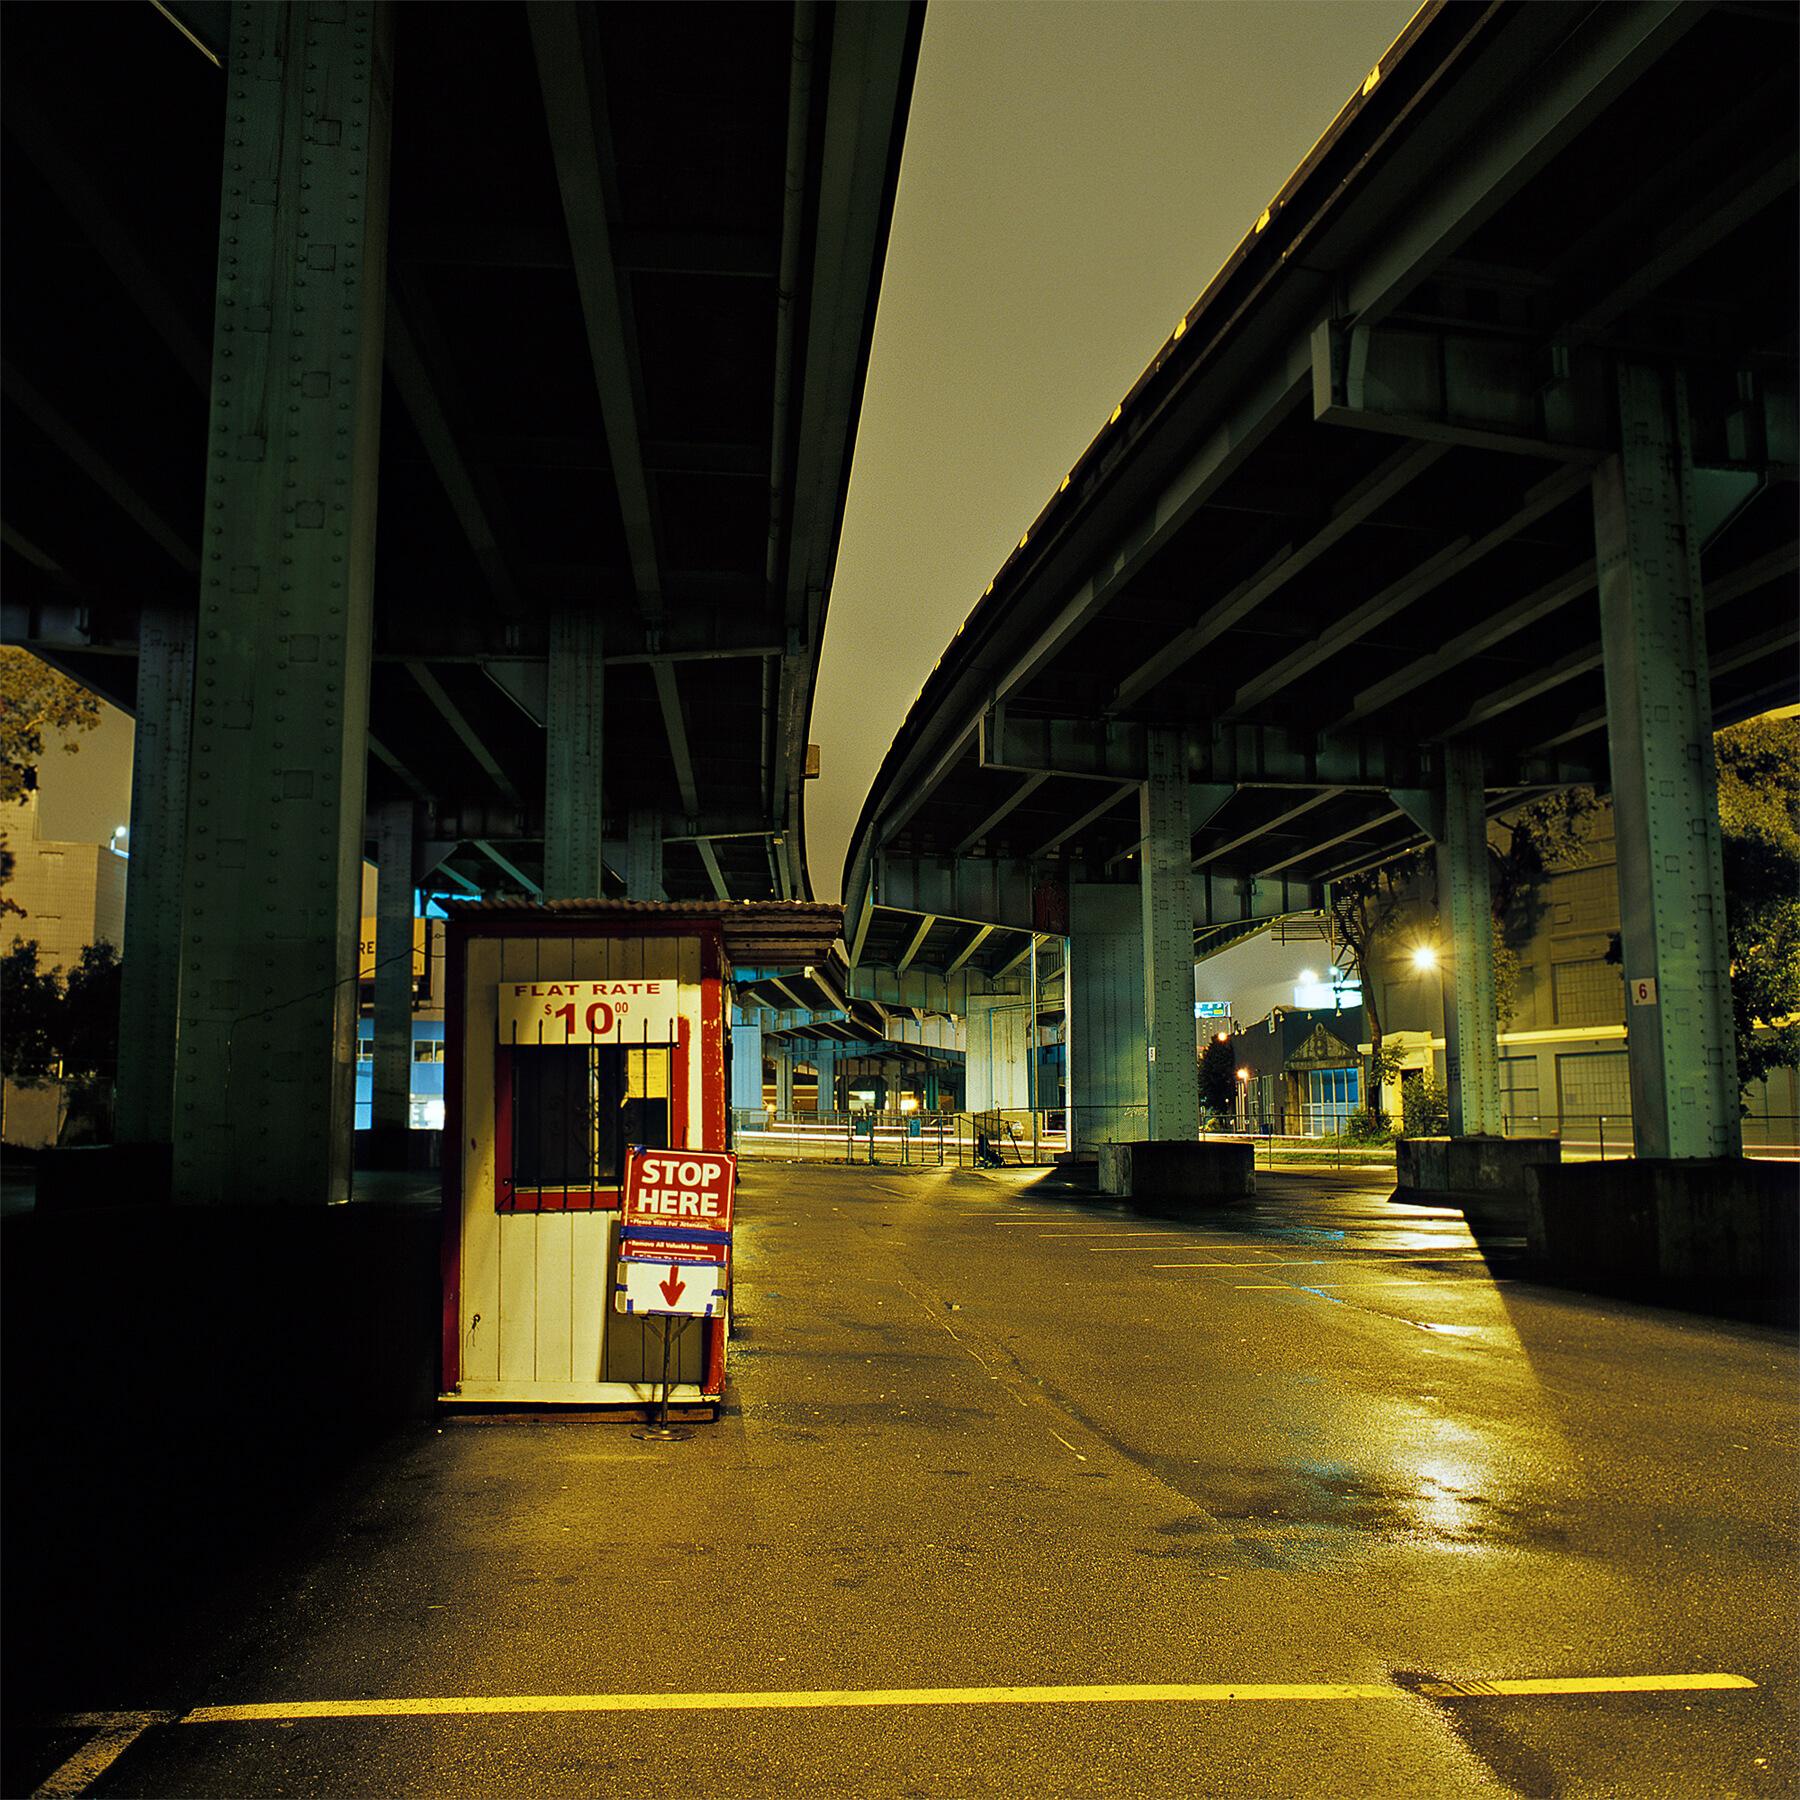 San Francisco parking lot at night